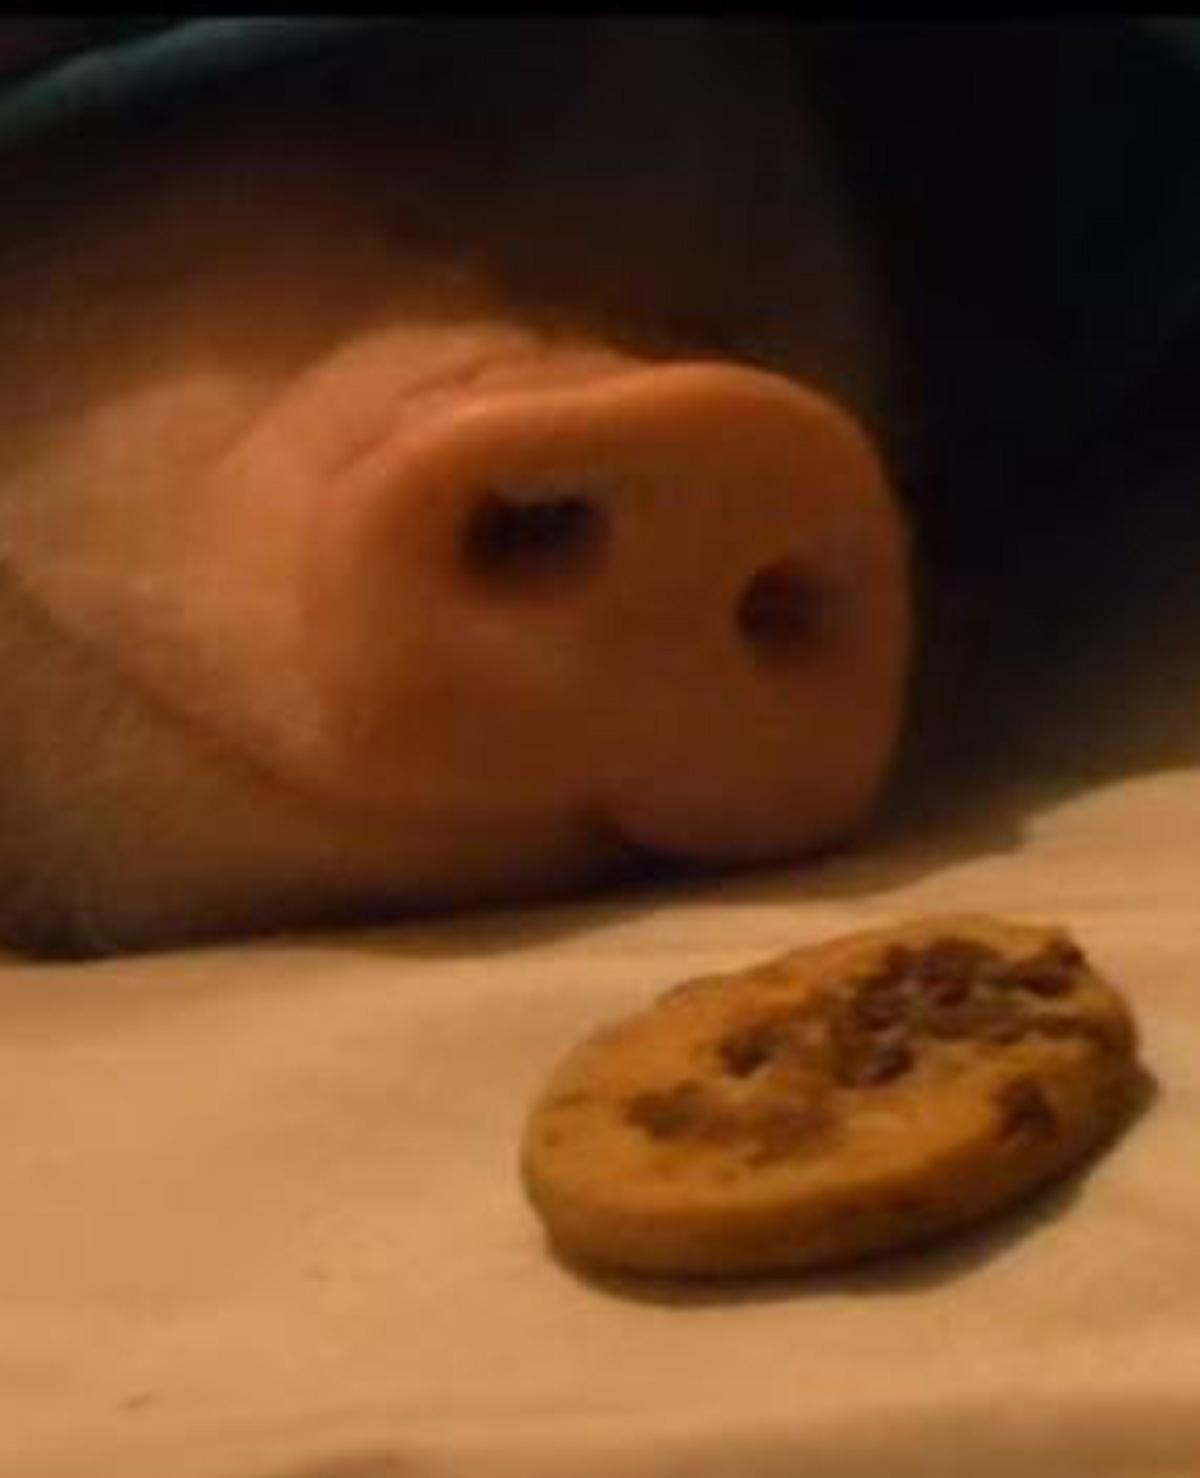 Slapend varkentje wordt wakker van koekjes